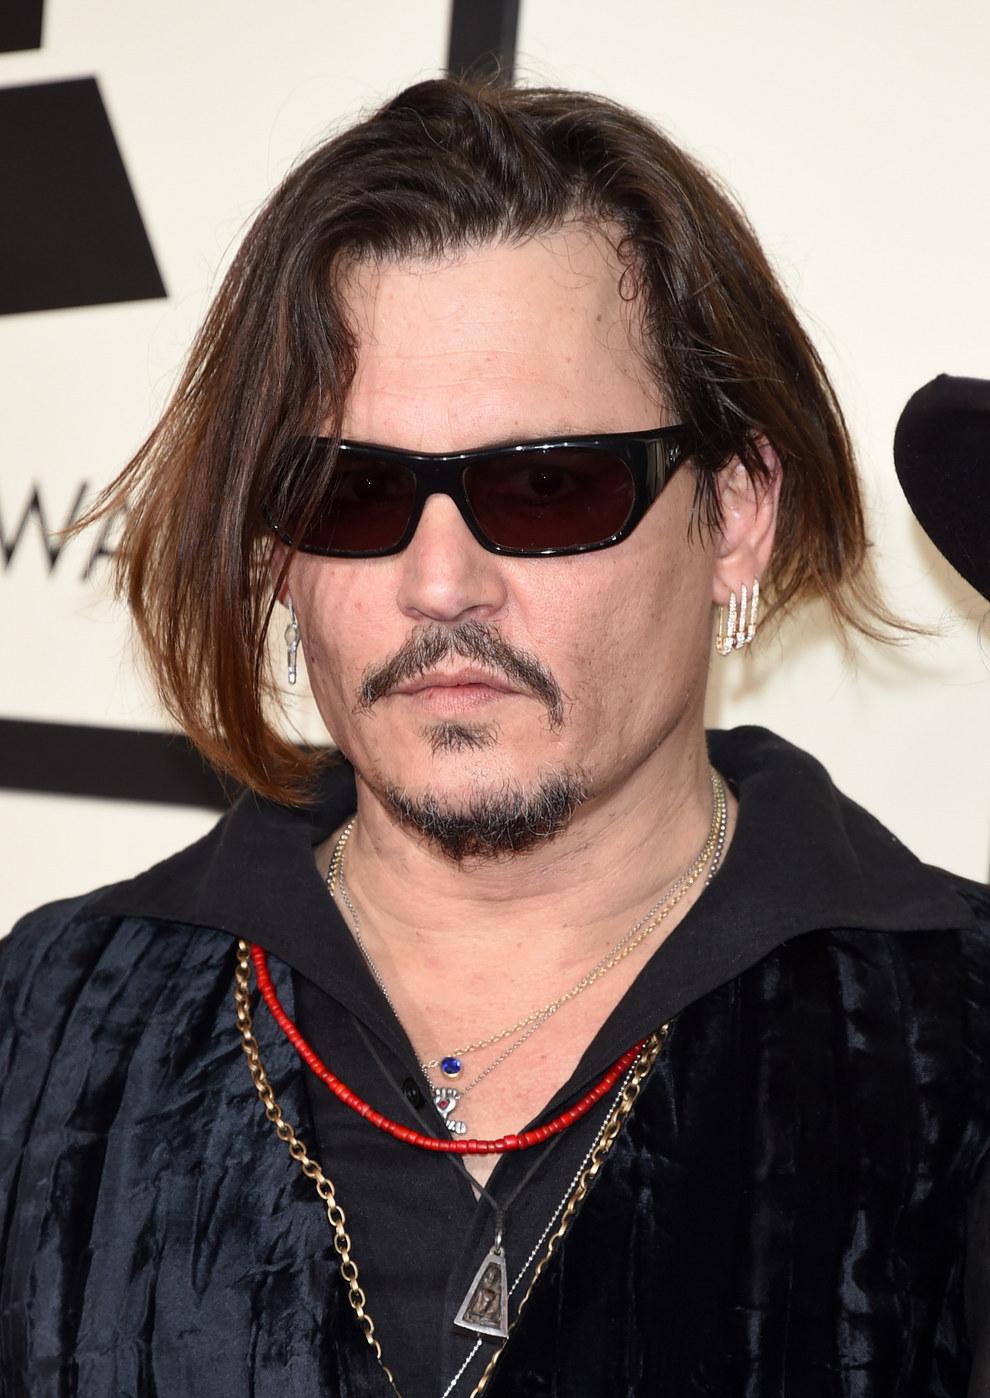 Amamos a Johnny Depp, profundamente, pero esos lentes son un gran NO. Te queremos, pero quítatelos.